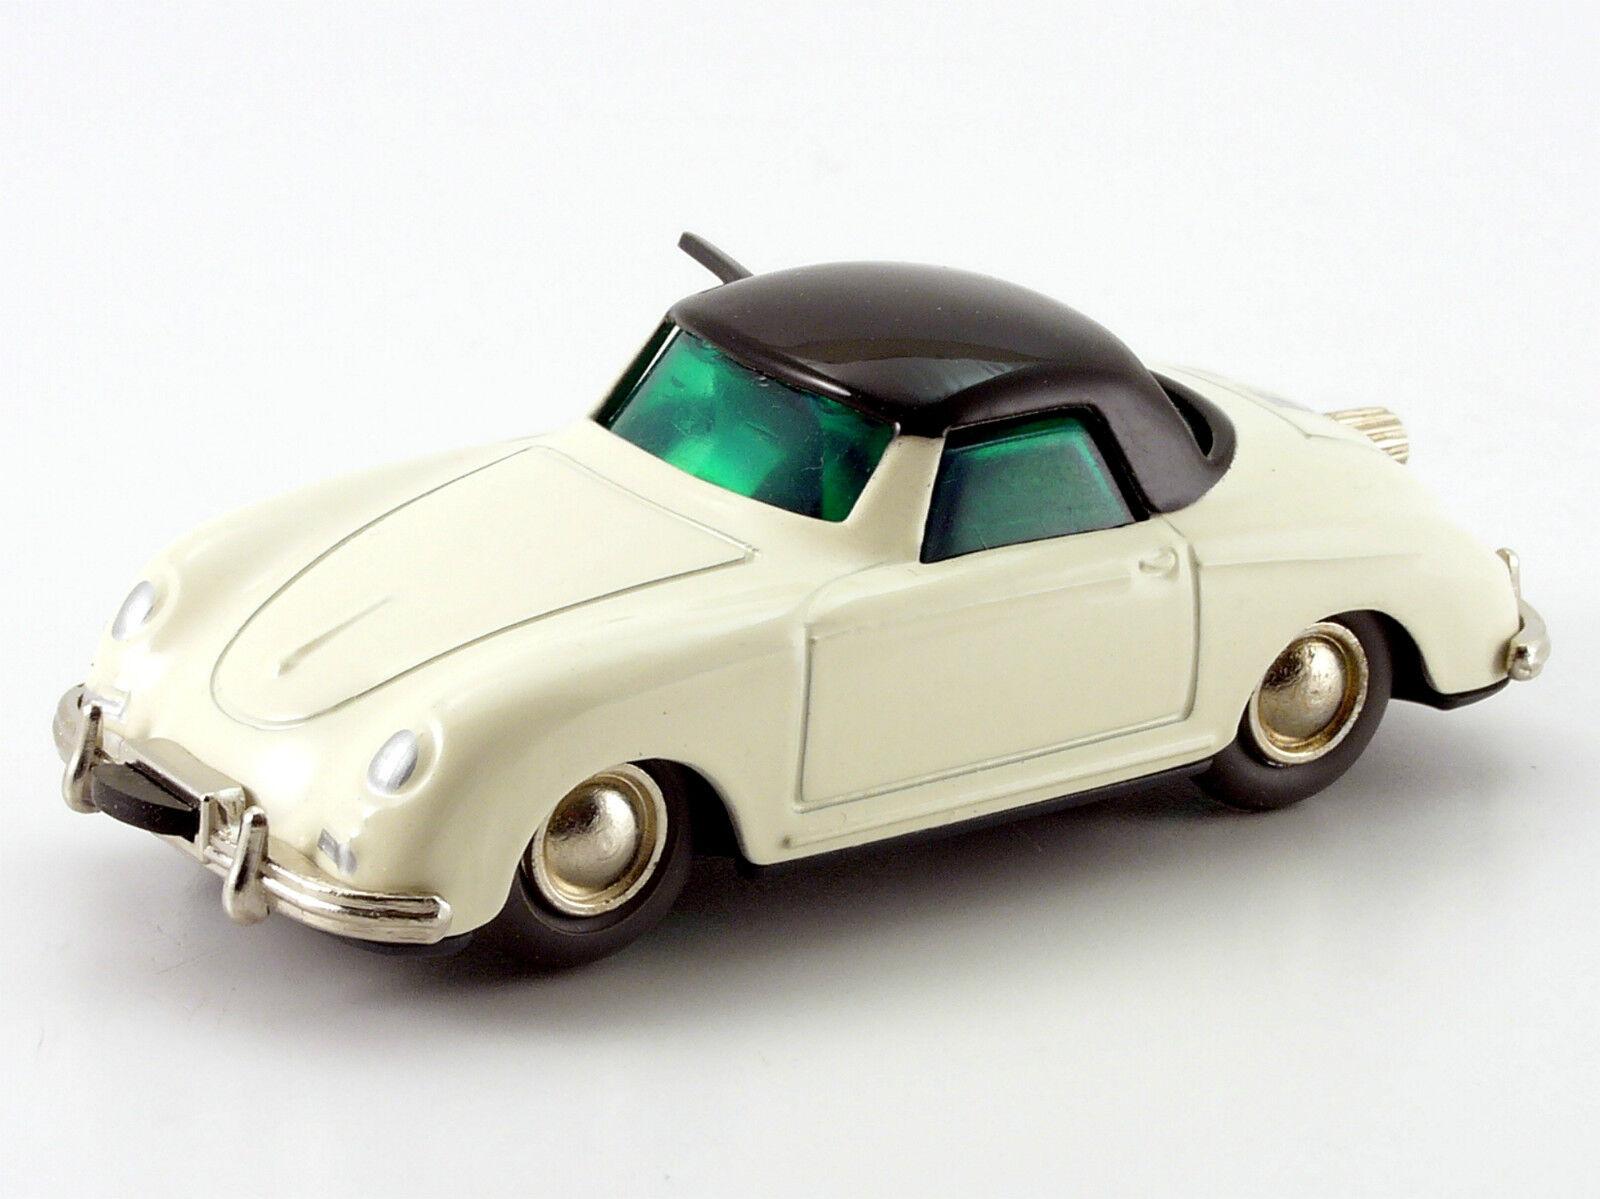 Schuco micro-Racer Porsche 356 356 356 blancoo-negro   102 541bba